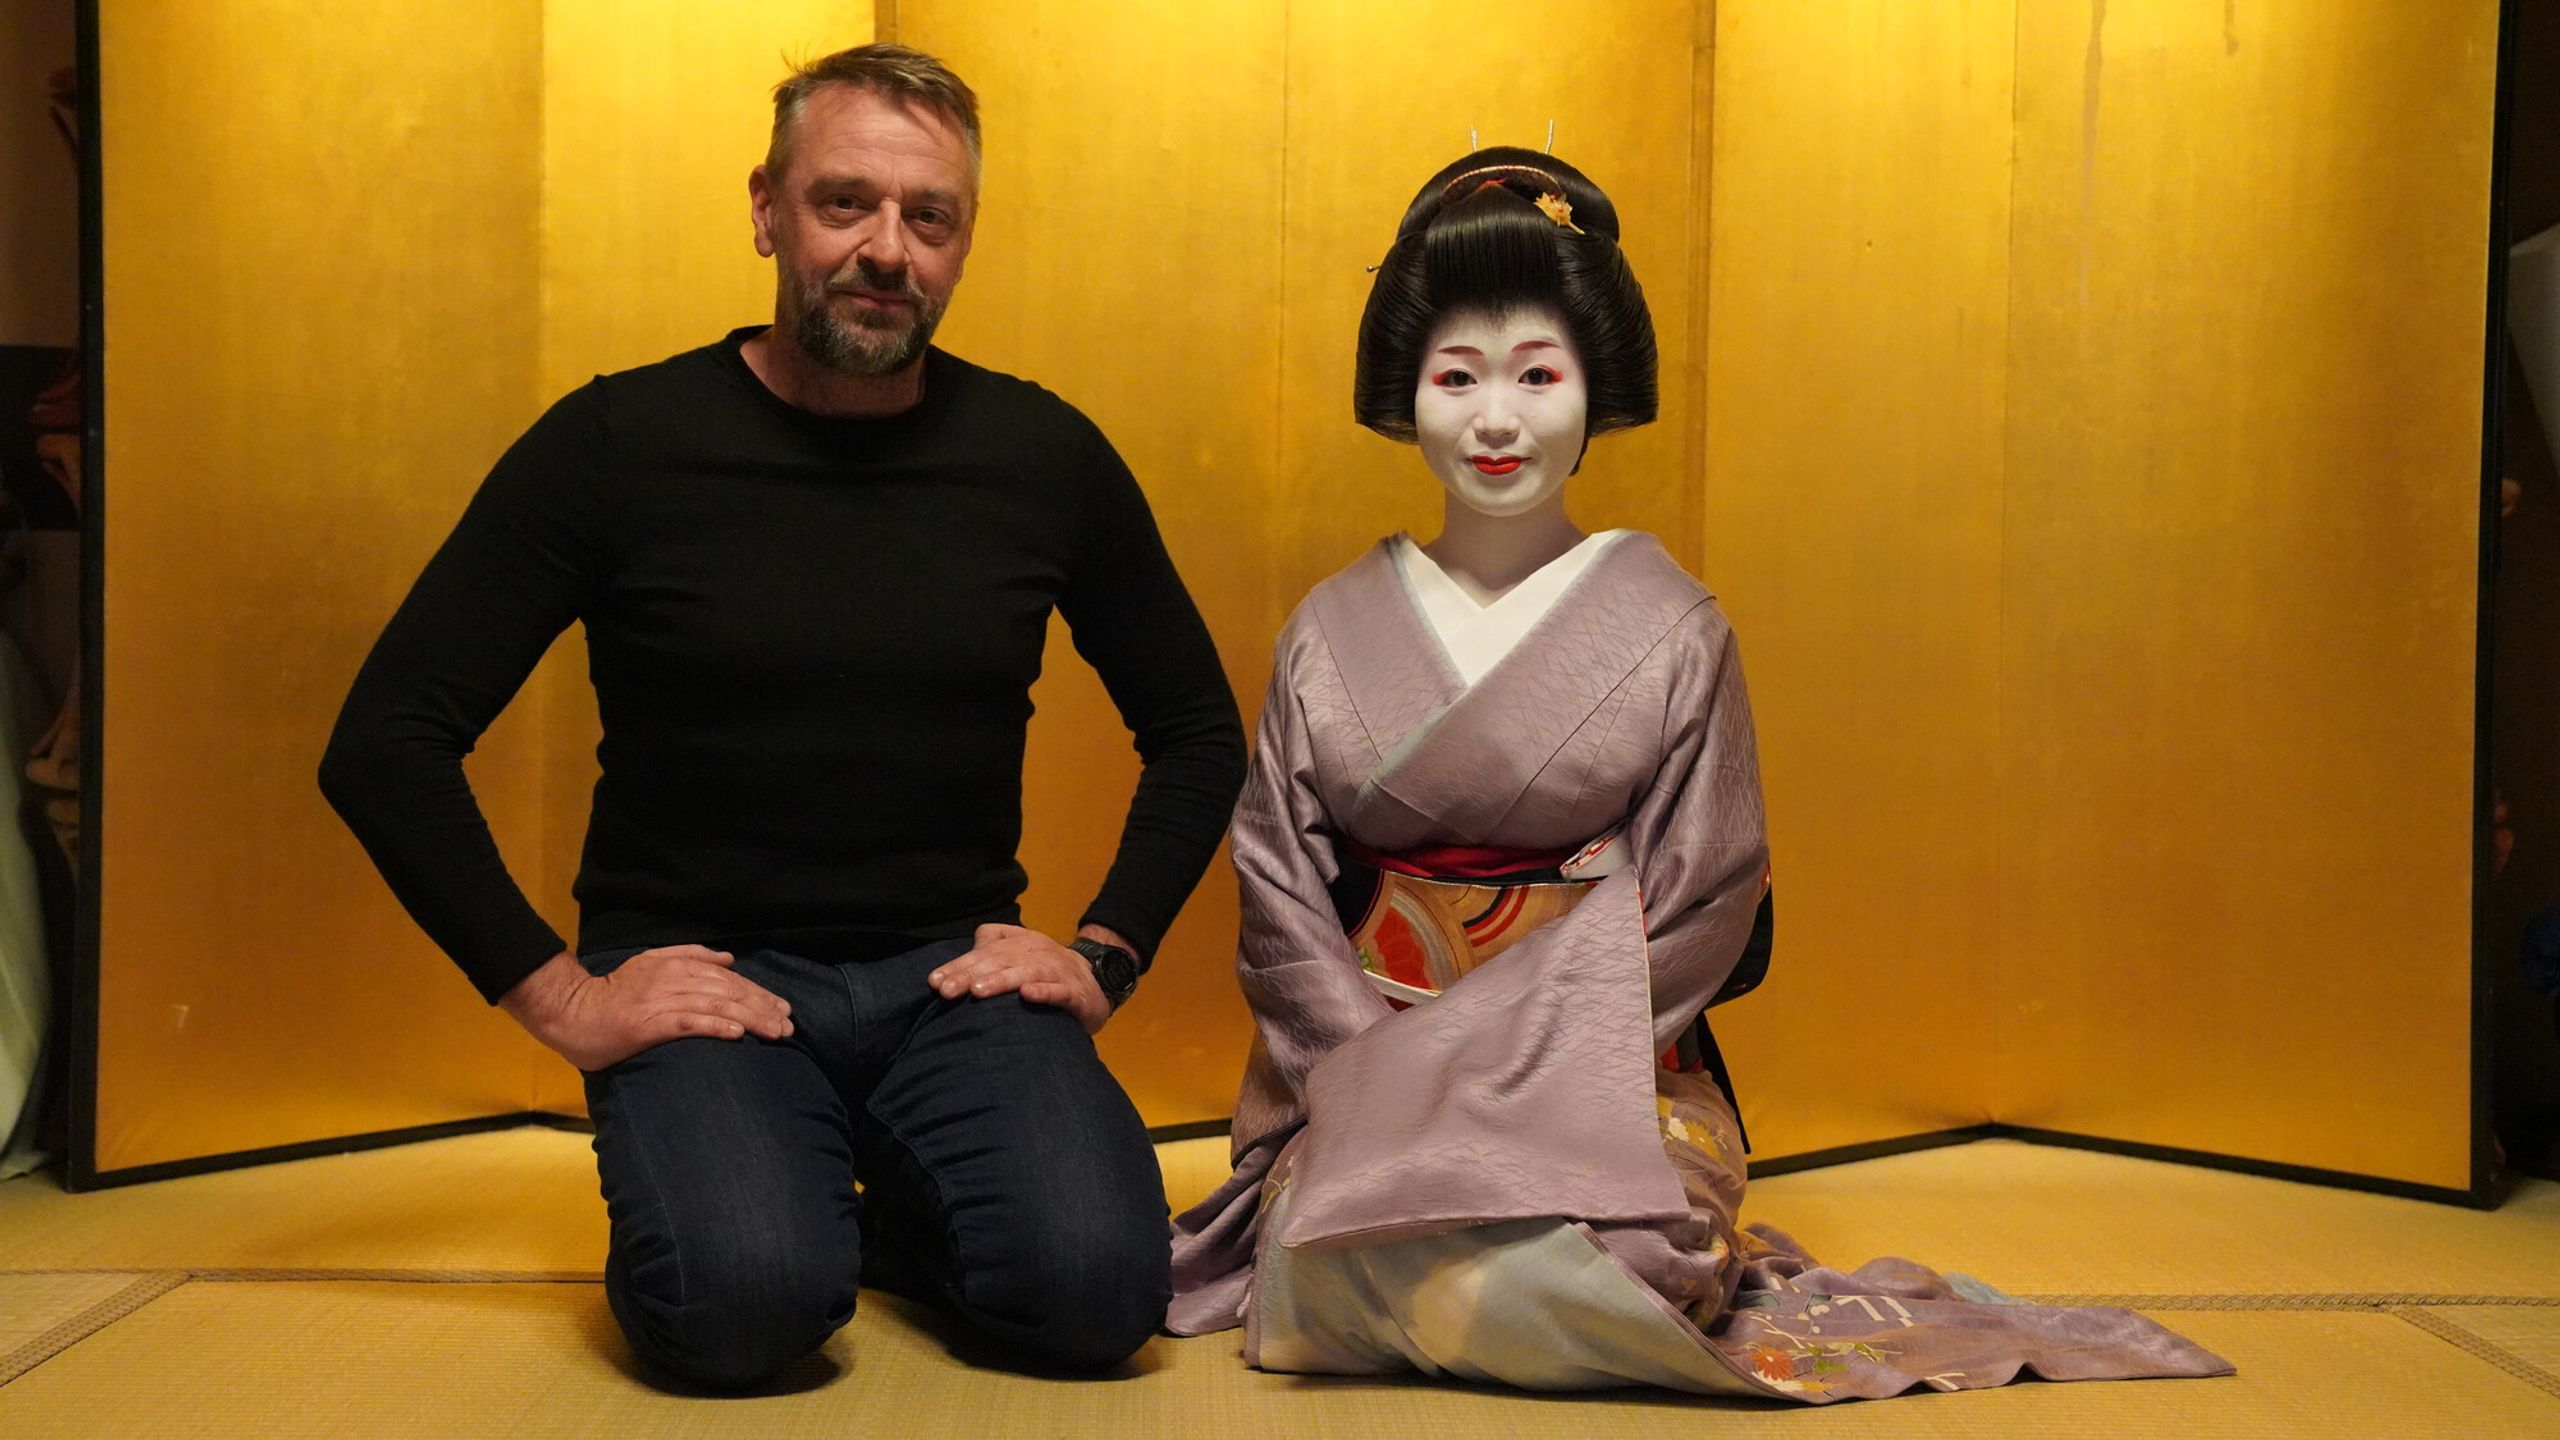 Reizen Waes Seizoen 5 Afl. 2 - Reizen Waes Japan